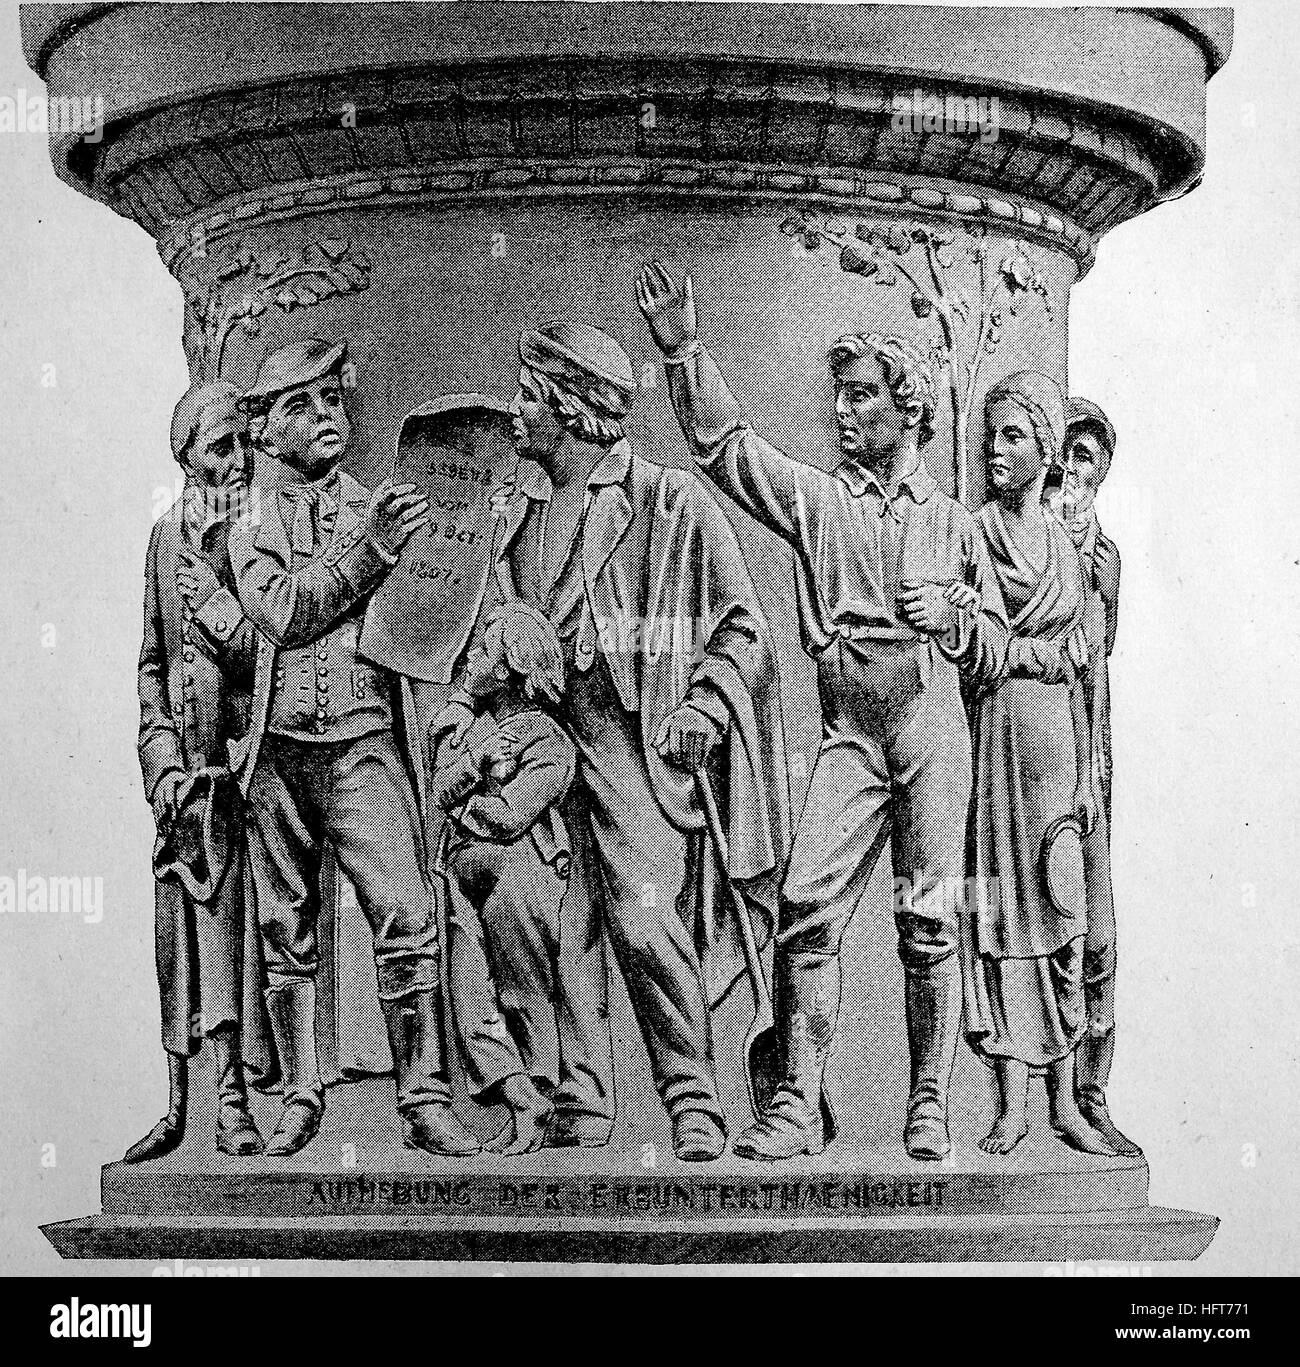 Abolizione dell'eredità, sollievo da Hugo Hagen presso il monumento all'imperatore Heinrich Friedrich Immagini Stock